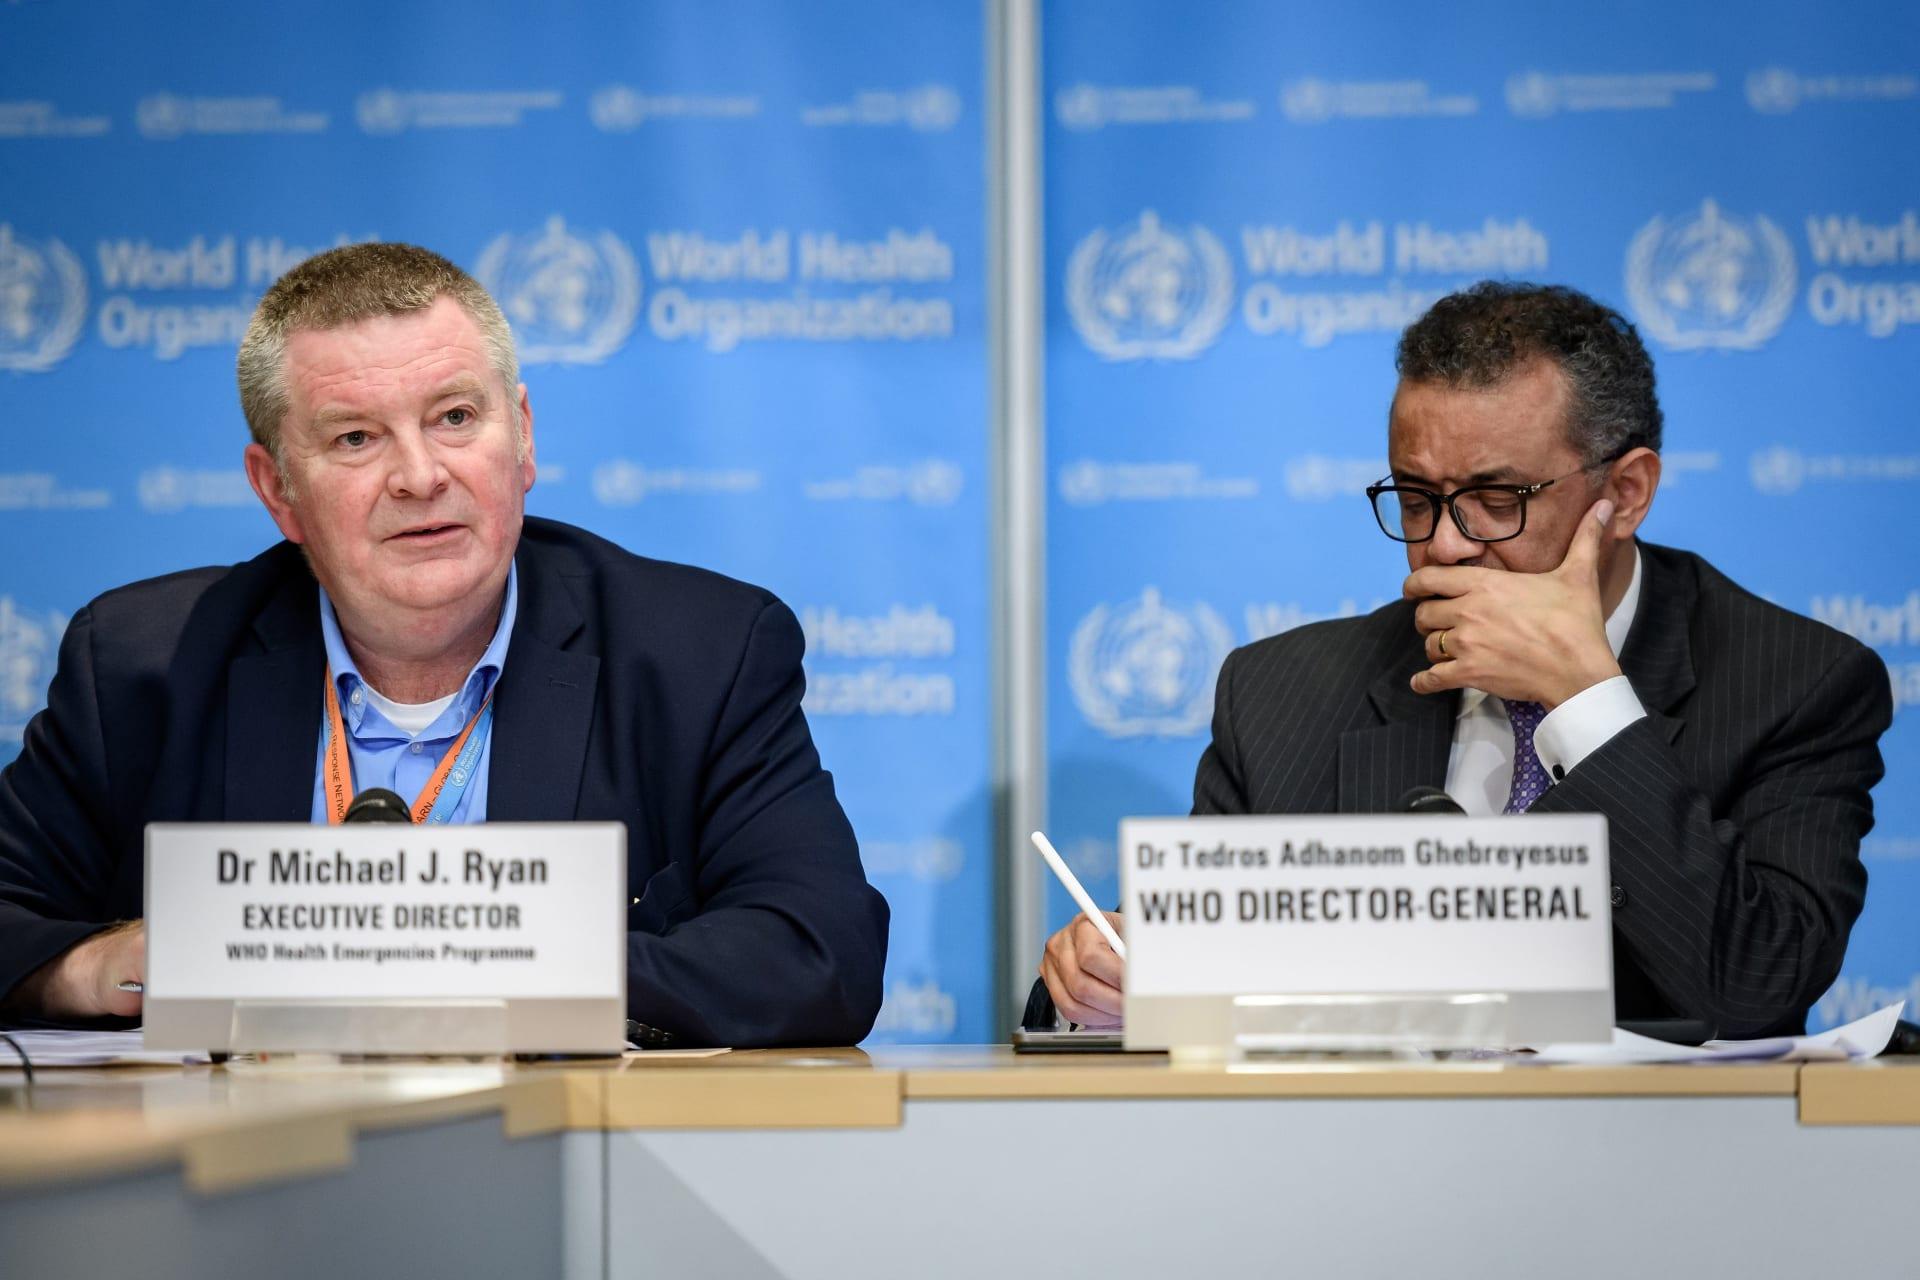 المدير العام لمنظمة الصحة العالمية ومايك رايان المدير التنفيذي لبرنامج الطوارئ الصحية بالمنظمة